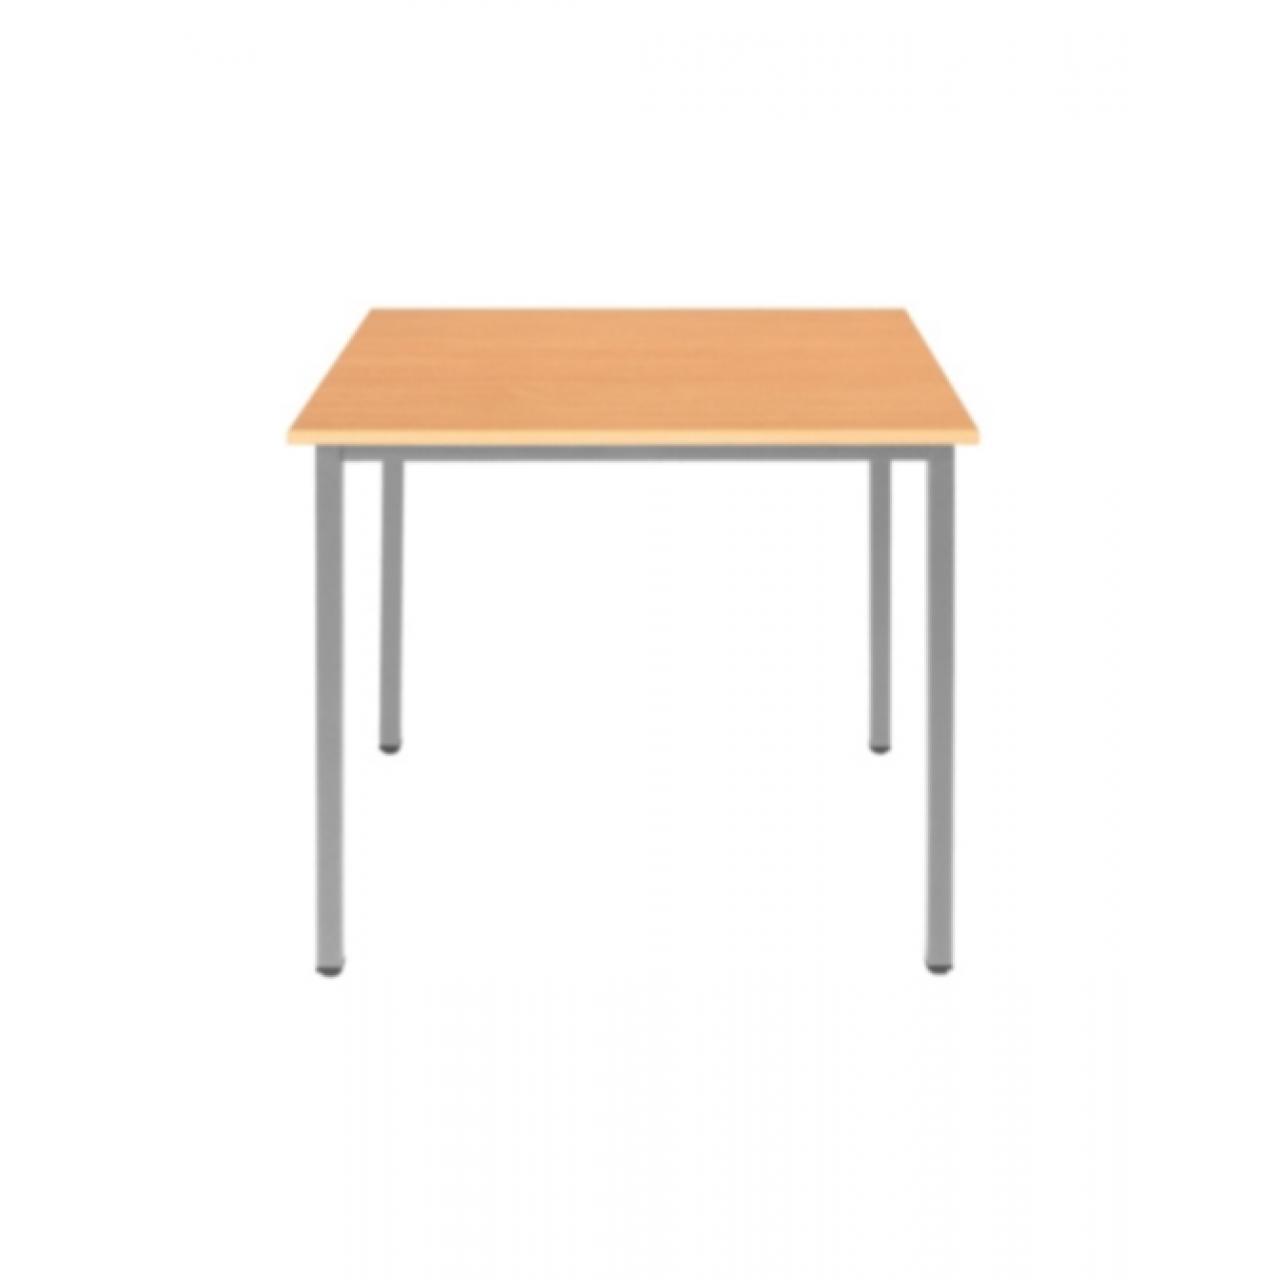 konferenztisch box 80x80 cm schreib computertische b ro m bel j hnichen center gmbh. Black Bedroom Furniture Sets. Home Design Ideas